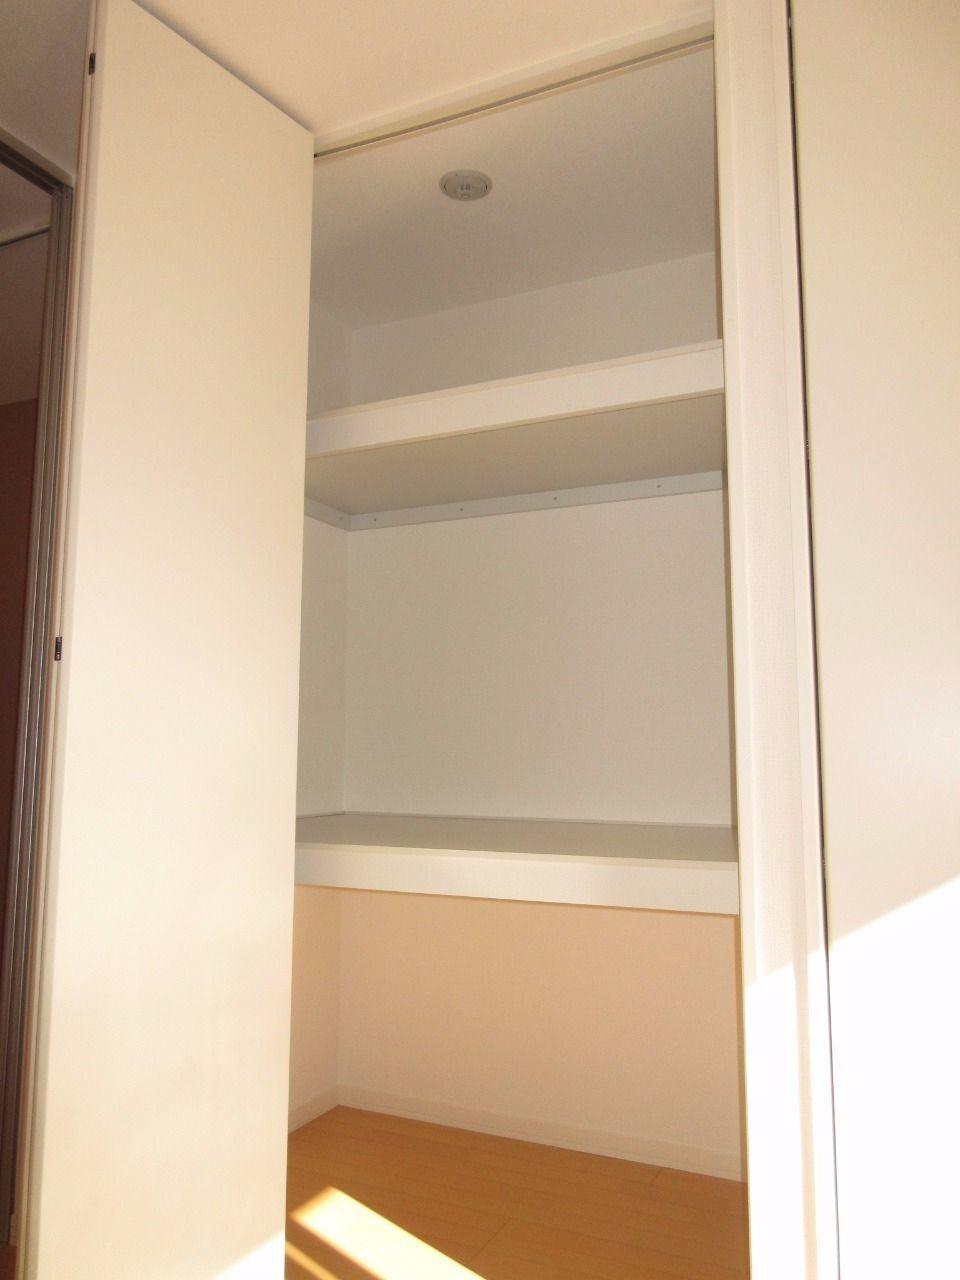 棚が2段あり、奥行きがあるので収納力が高いです